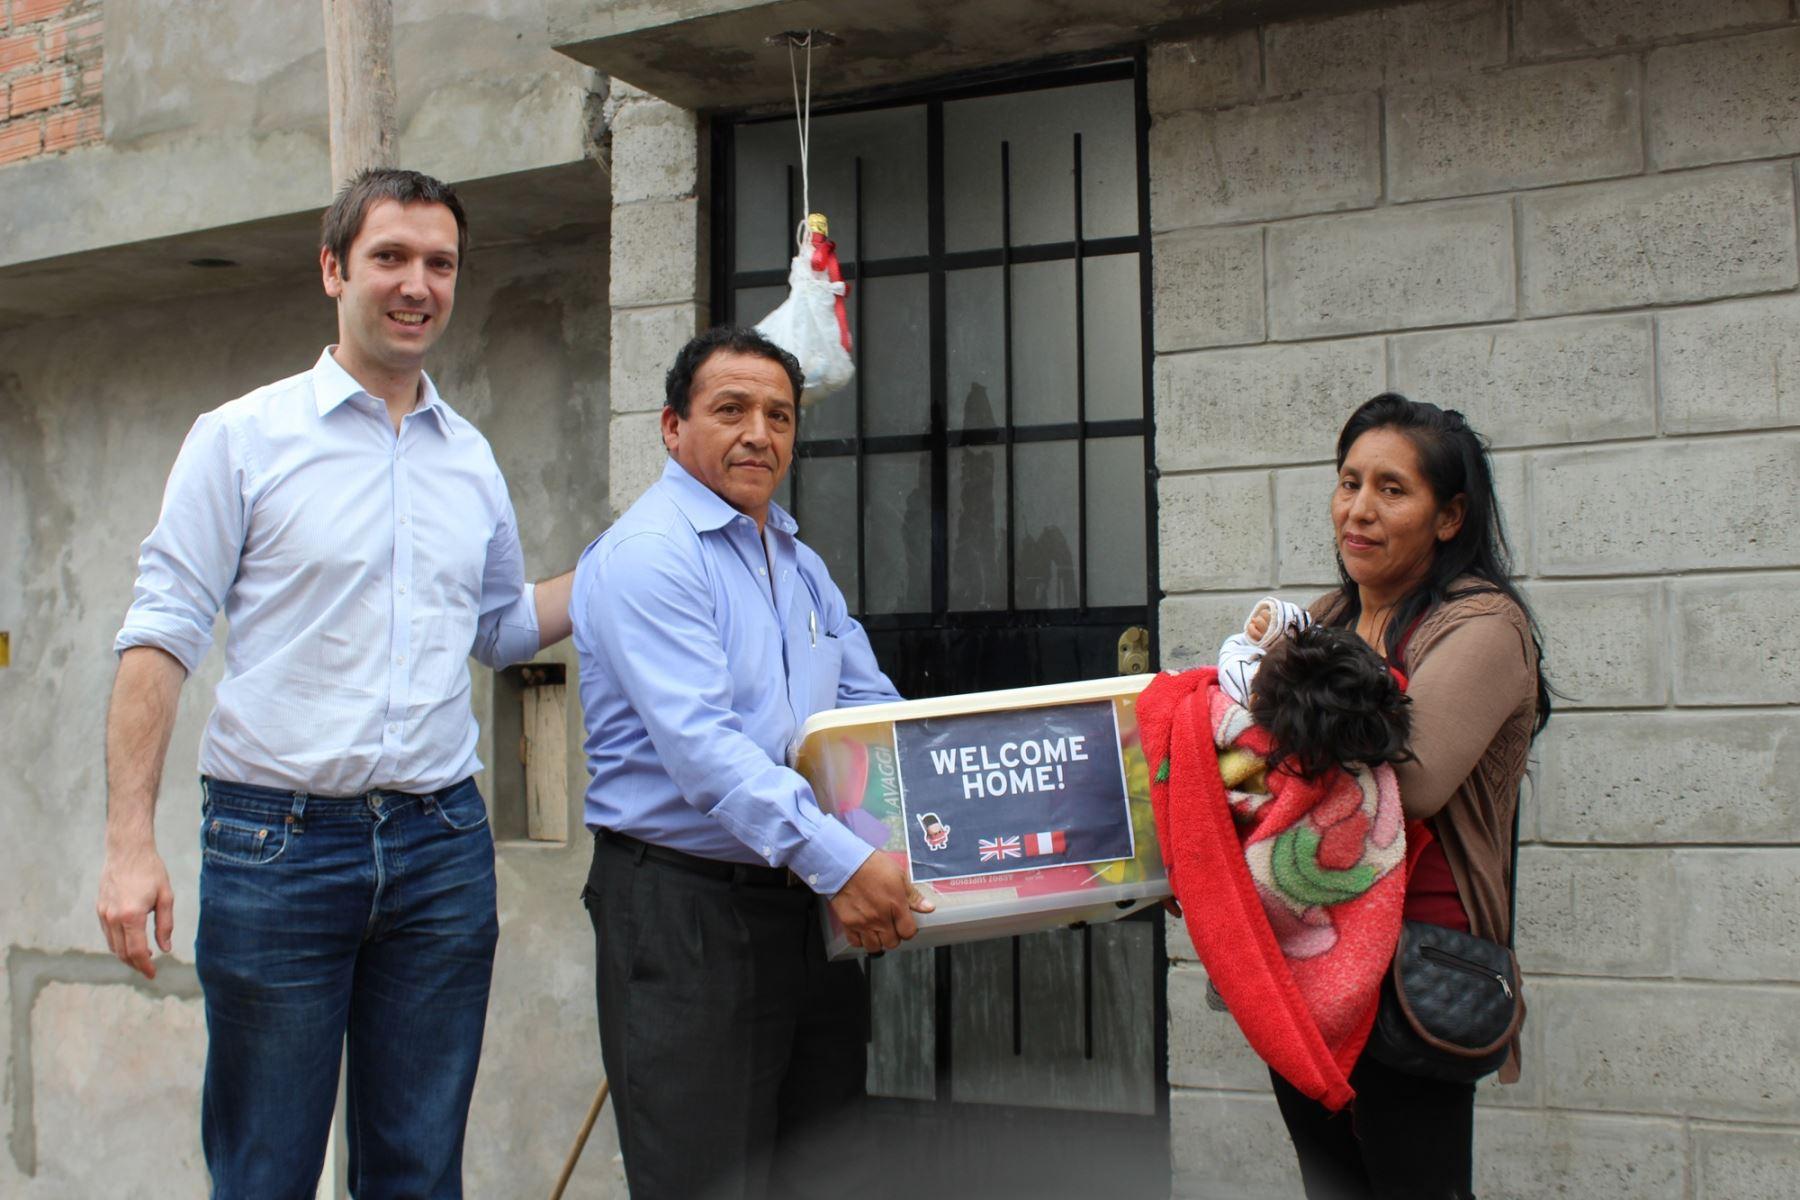 Entrega de innovador de modelo de casa sostenible. Foto: Cortesía embajada británica.